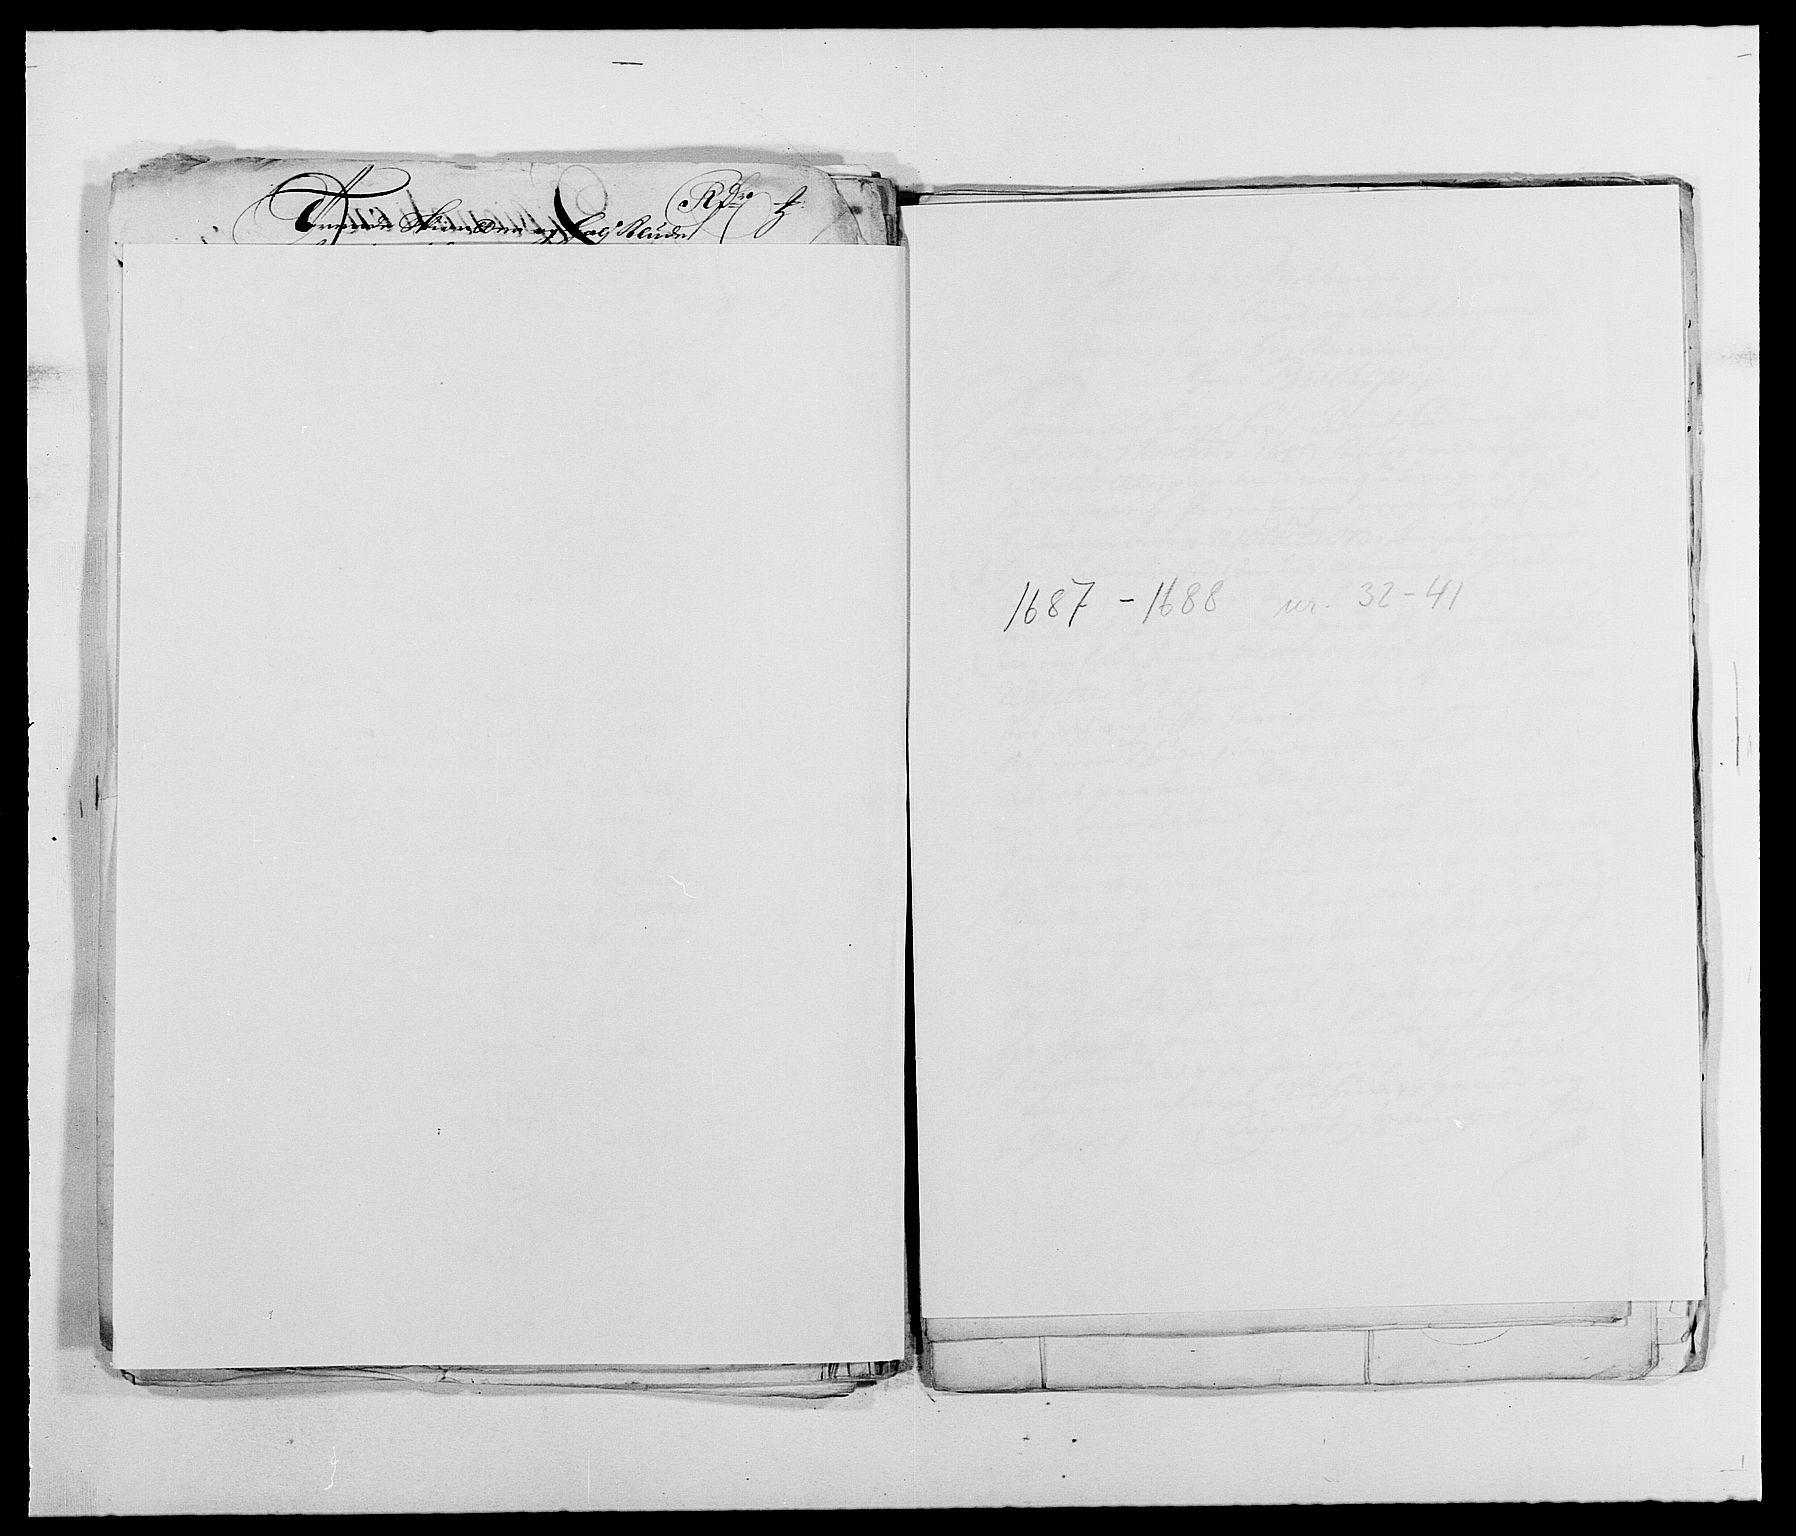 RA, Rentekammeret inntil 1814, Reviderte regnskaper, Fogderegnskap, R39/L2307: Fogderegnskap Nedenes, 1684-1689, s. 110